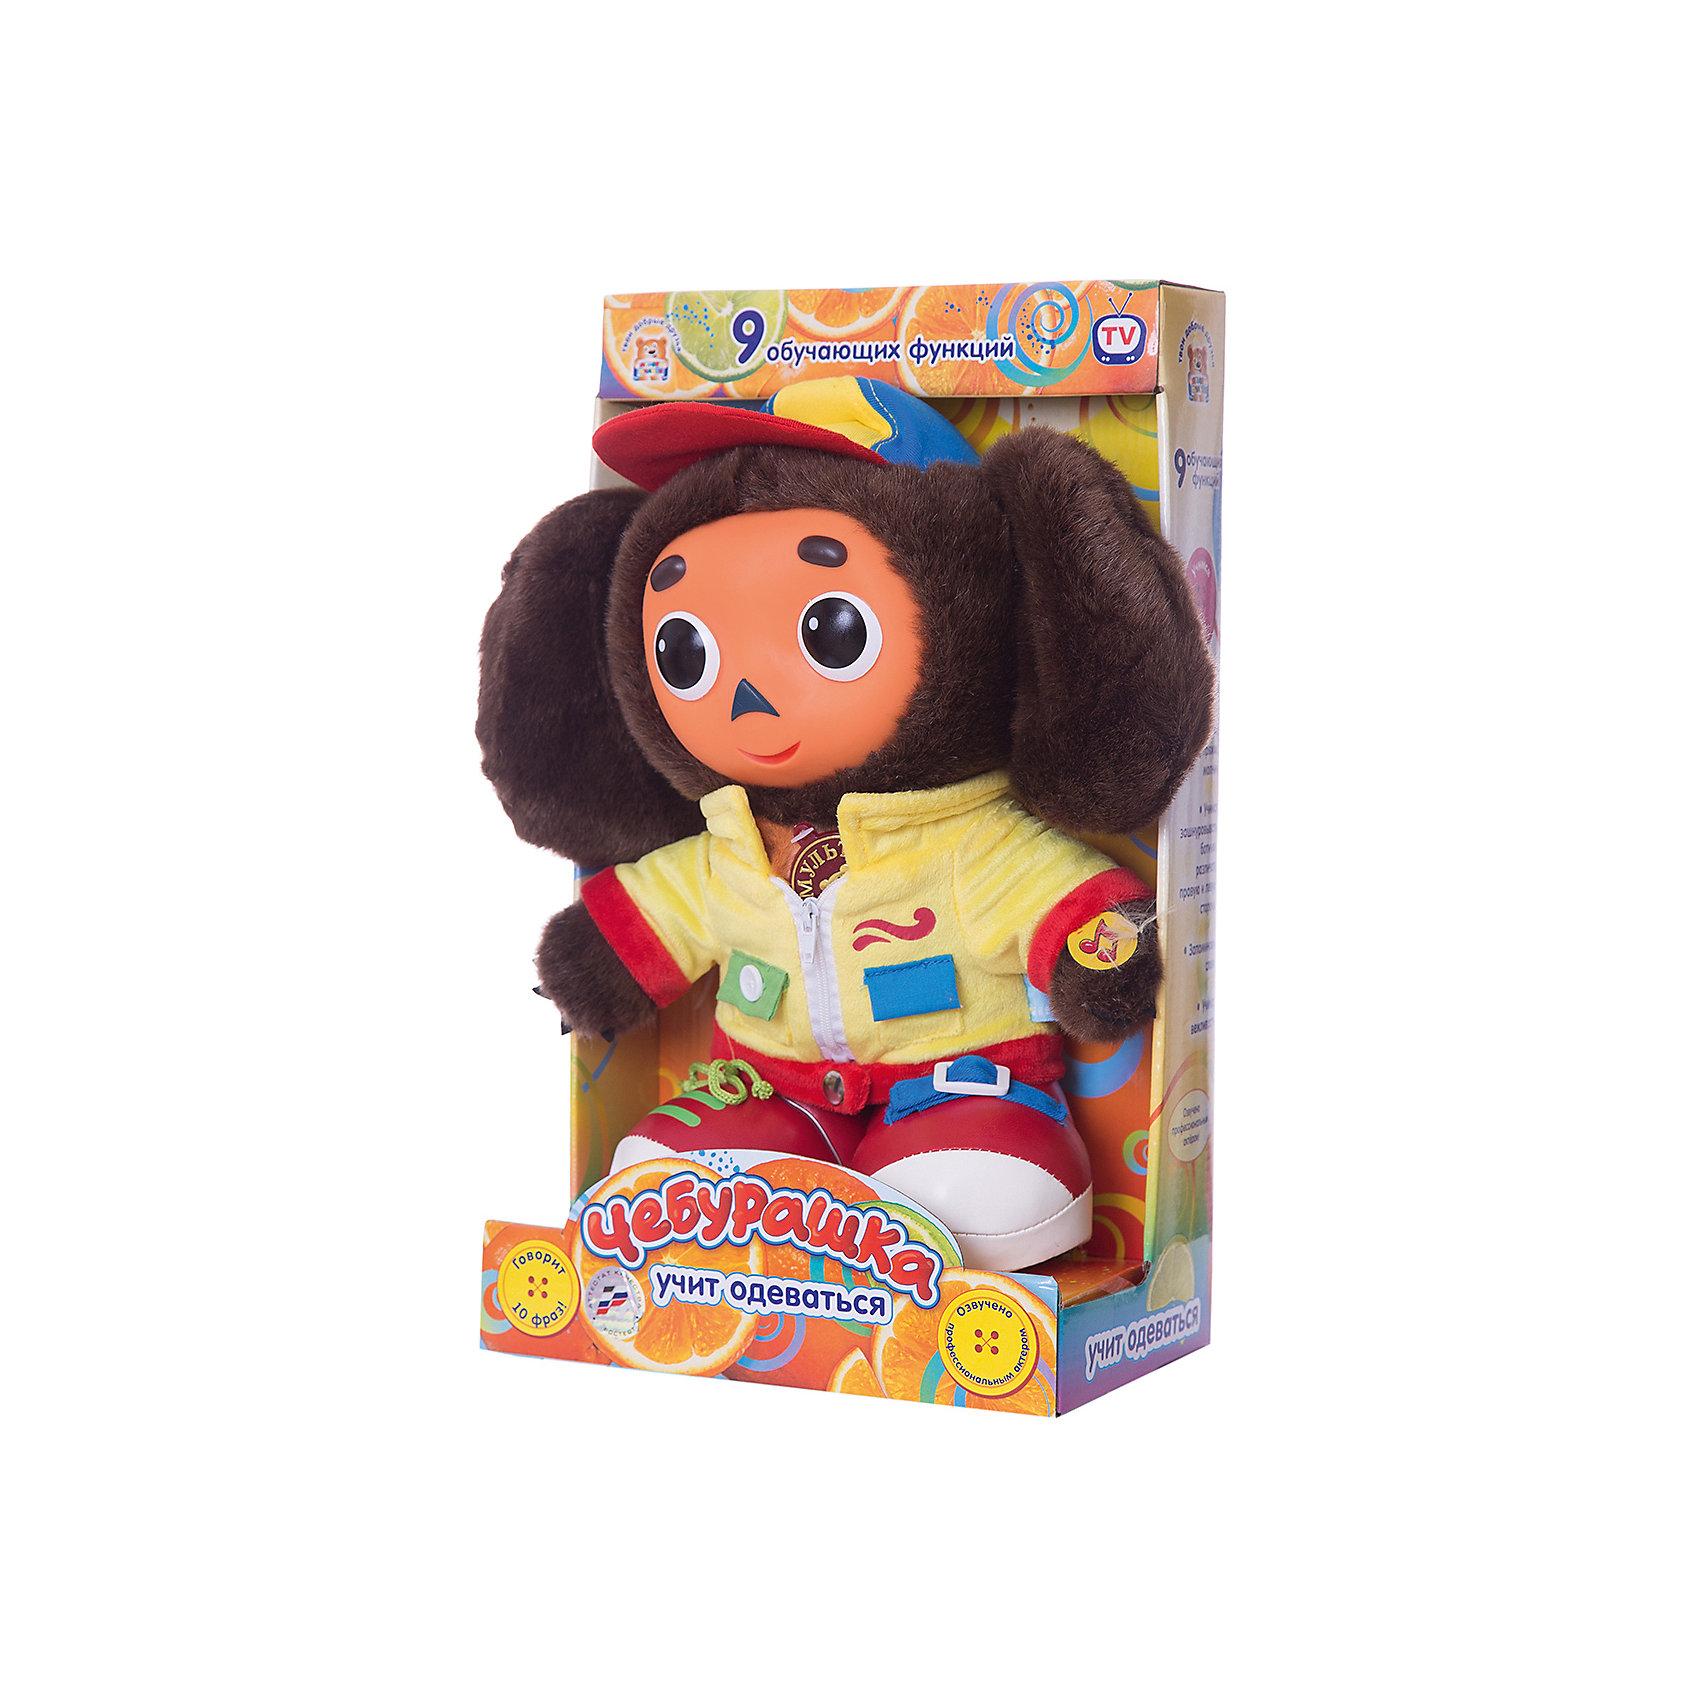 Развивающая игрушка Чебурашка учит одеваться, со звуком, МУЛЬТИ-ПУЛЬТИМузыкальные мягкие игрушки<br>Мягкая игрушка Чебурашка учит одеваться со звуком от марки МУЛЬТИ-ПУЛЬТИ<br><br>Говорящая мягкая игрушка от отечественного производителя сделана в виде известного персонажа из мультфильма. Она поможет ребенку проводить время весело и с пользой. В игрушке есть встроенный звуковой модуль, который позволяет Чебурашке произносить забавные и обучающие фразы, прививающие вежливость. Он одет в одежду с разными застежками - это поможет ребенку освоить молнию, пуговицы, шнурки, узнать цвета. <br>Размер игрушки универсален - 28 сантиметров, её удобно брать с собой в поездки и на прогулку. Сделан Чебурашка из качественных и безопасных для ребенка материалов, которые еще и приятны на ощупь. <br><br>Отличительные особенности  игрушки:<br><br>- материал: текстиль, пластик;<br>- звуковой модуль;<br>- язык: русский;<br>- произносит несколько фраз;<br>- работает на батарейках;<br>- высота: 28 см.<br><br>Мягкую игрушку Чебурашка учит одеваться от марки МУЛЬТИ-ПУЛЬТИ можно купить в нашем магазине.<br><br>Ширина мм: 140<br>Глубина мм: 370<br>Высота мм: 220<br>Вес г: 1000<br>Возраст от месяцев: 36<br>Возраст до месяцев: 1188<br>Пол: Унисекс<br>Возраст: Детский<br>SKU: 2263128